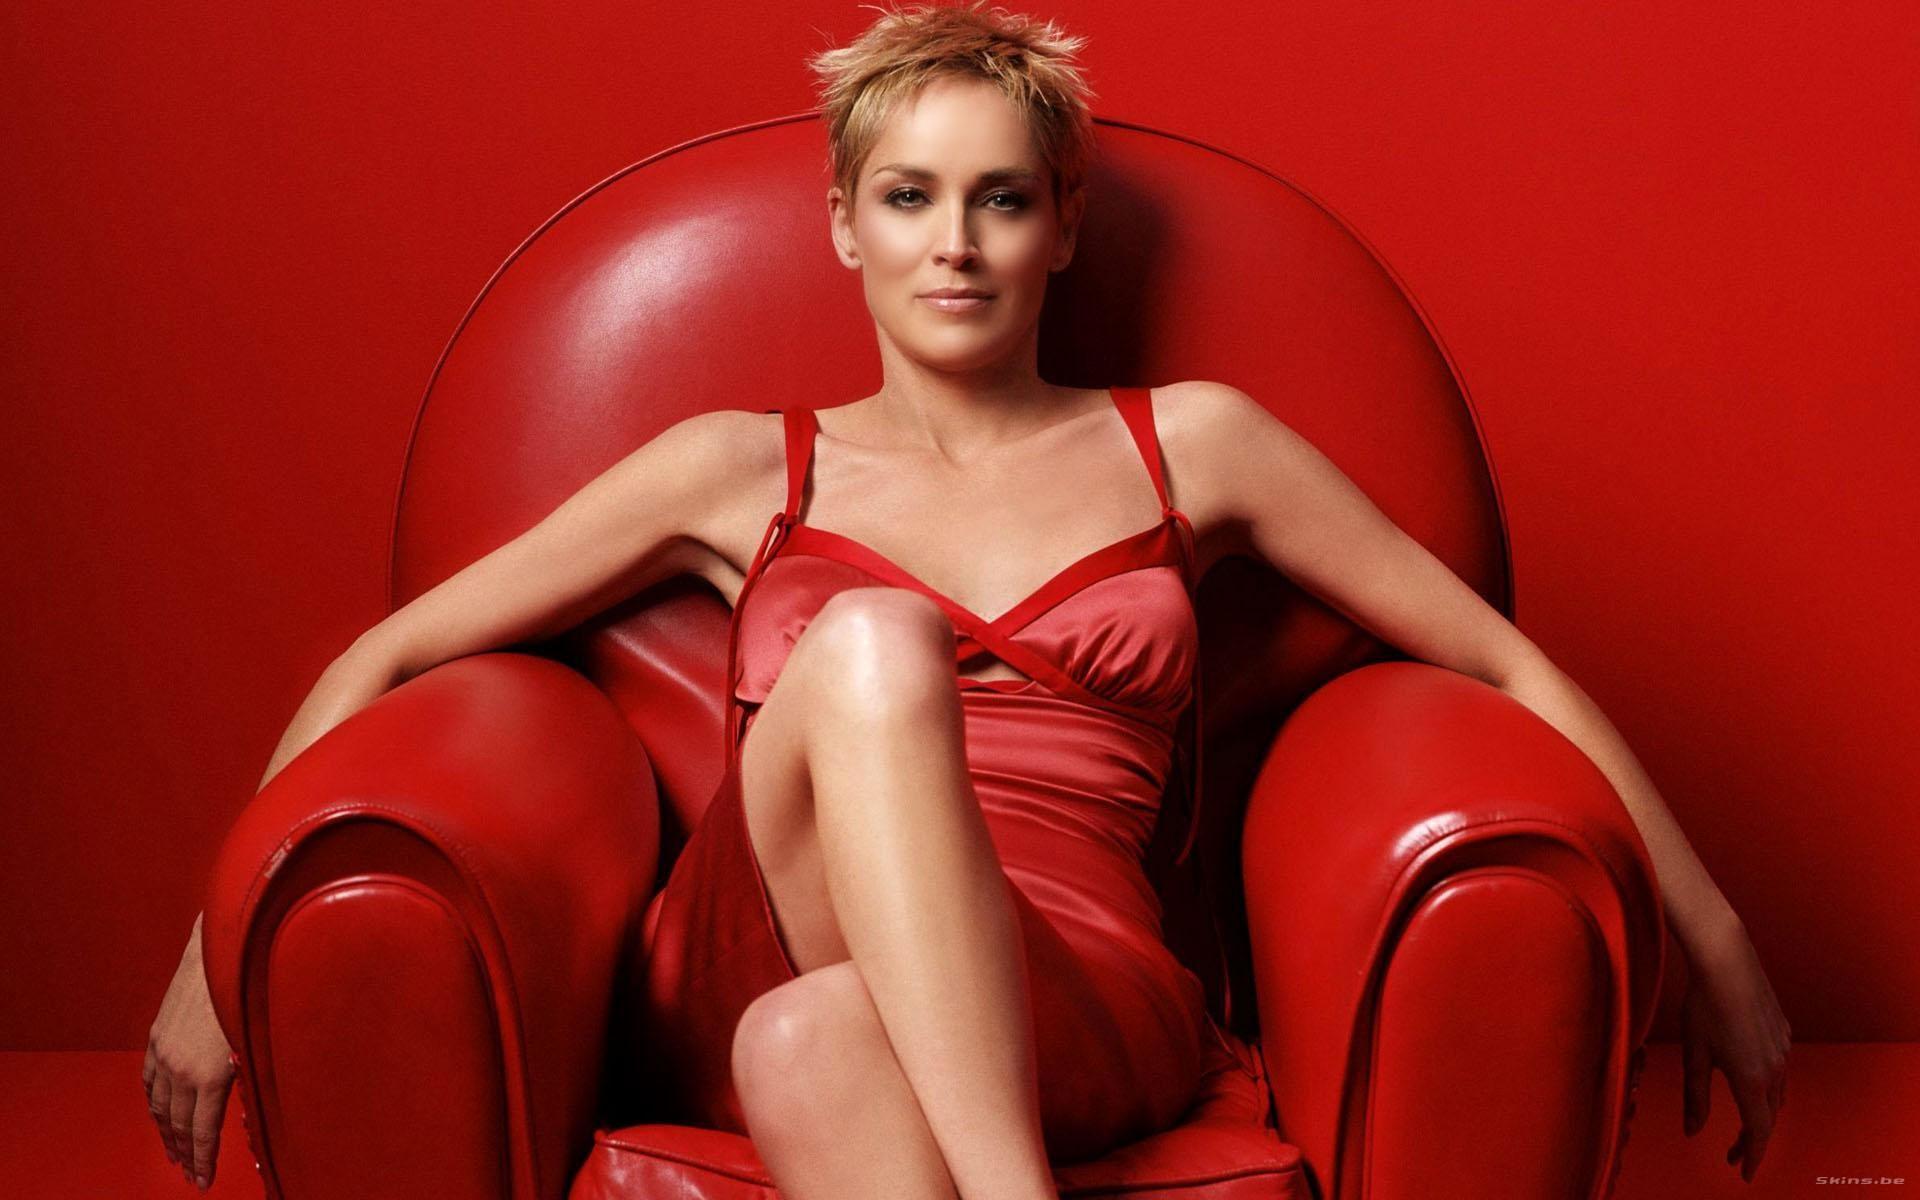 Фото девушек брюнеток в кресле 26 фотография